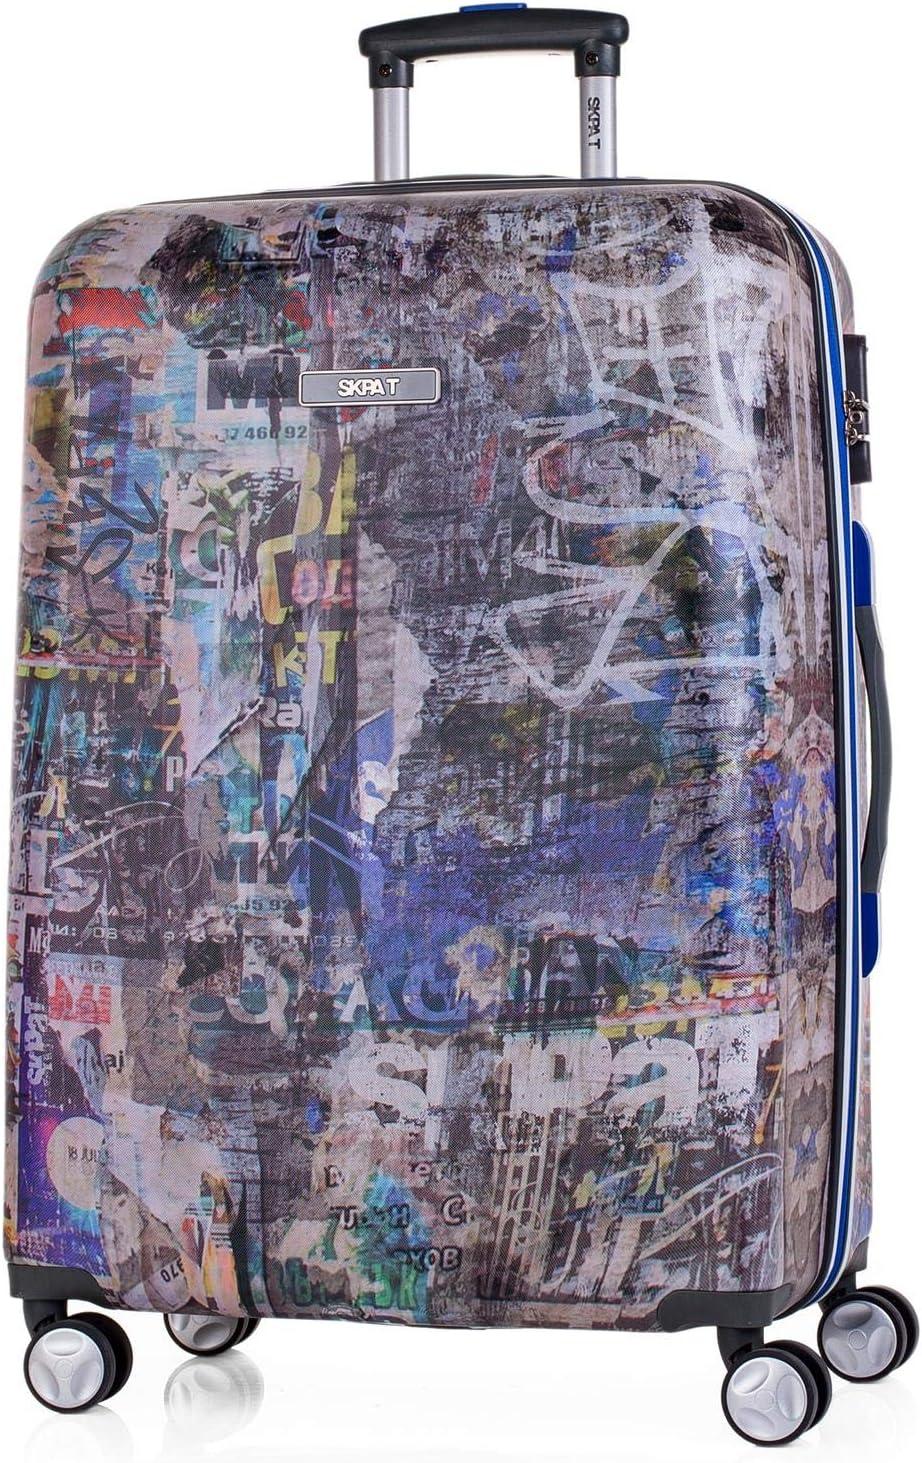 SKPAT - Maleta de Viaje Rígida 4 Ruedas Mediana Trolley 60 cm ABS Estampado. Resistente Robusta Ligera. Mango Asas Candado. Duradera y de Calidad. Estudiante. 53960, Color Gris Oscuro